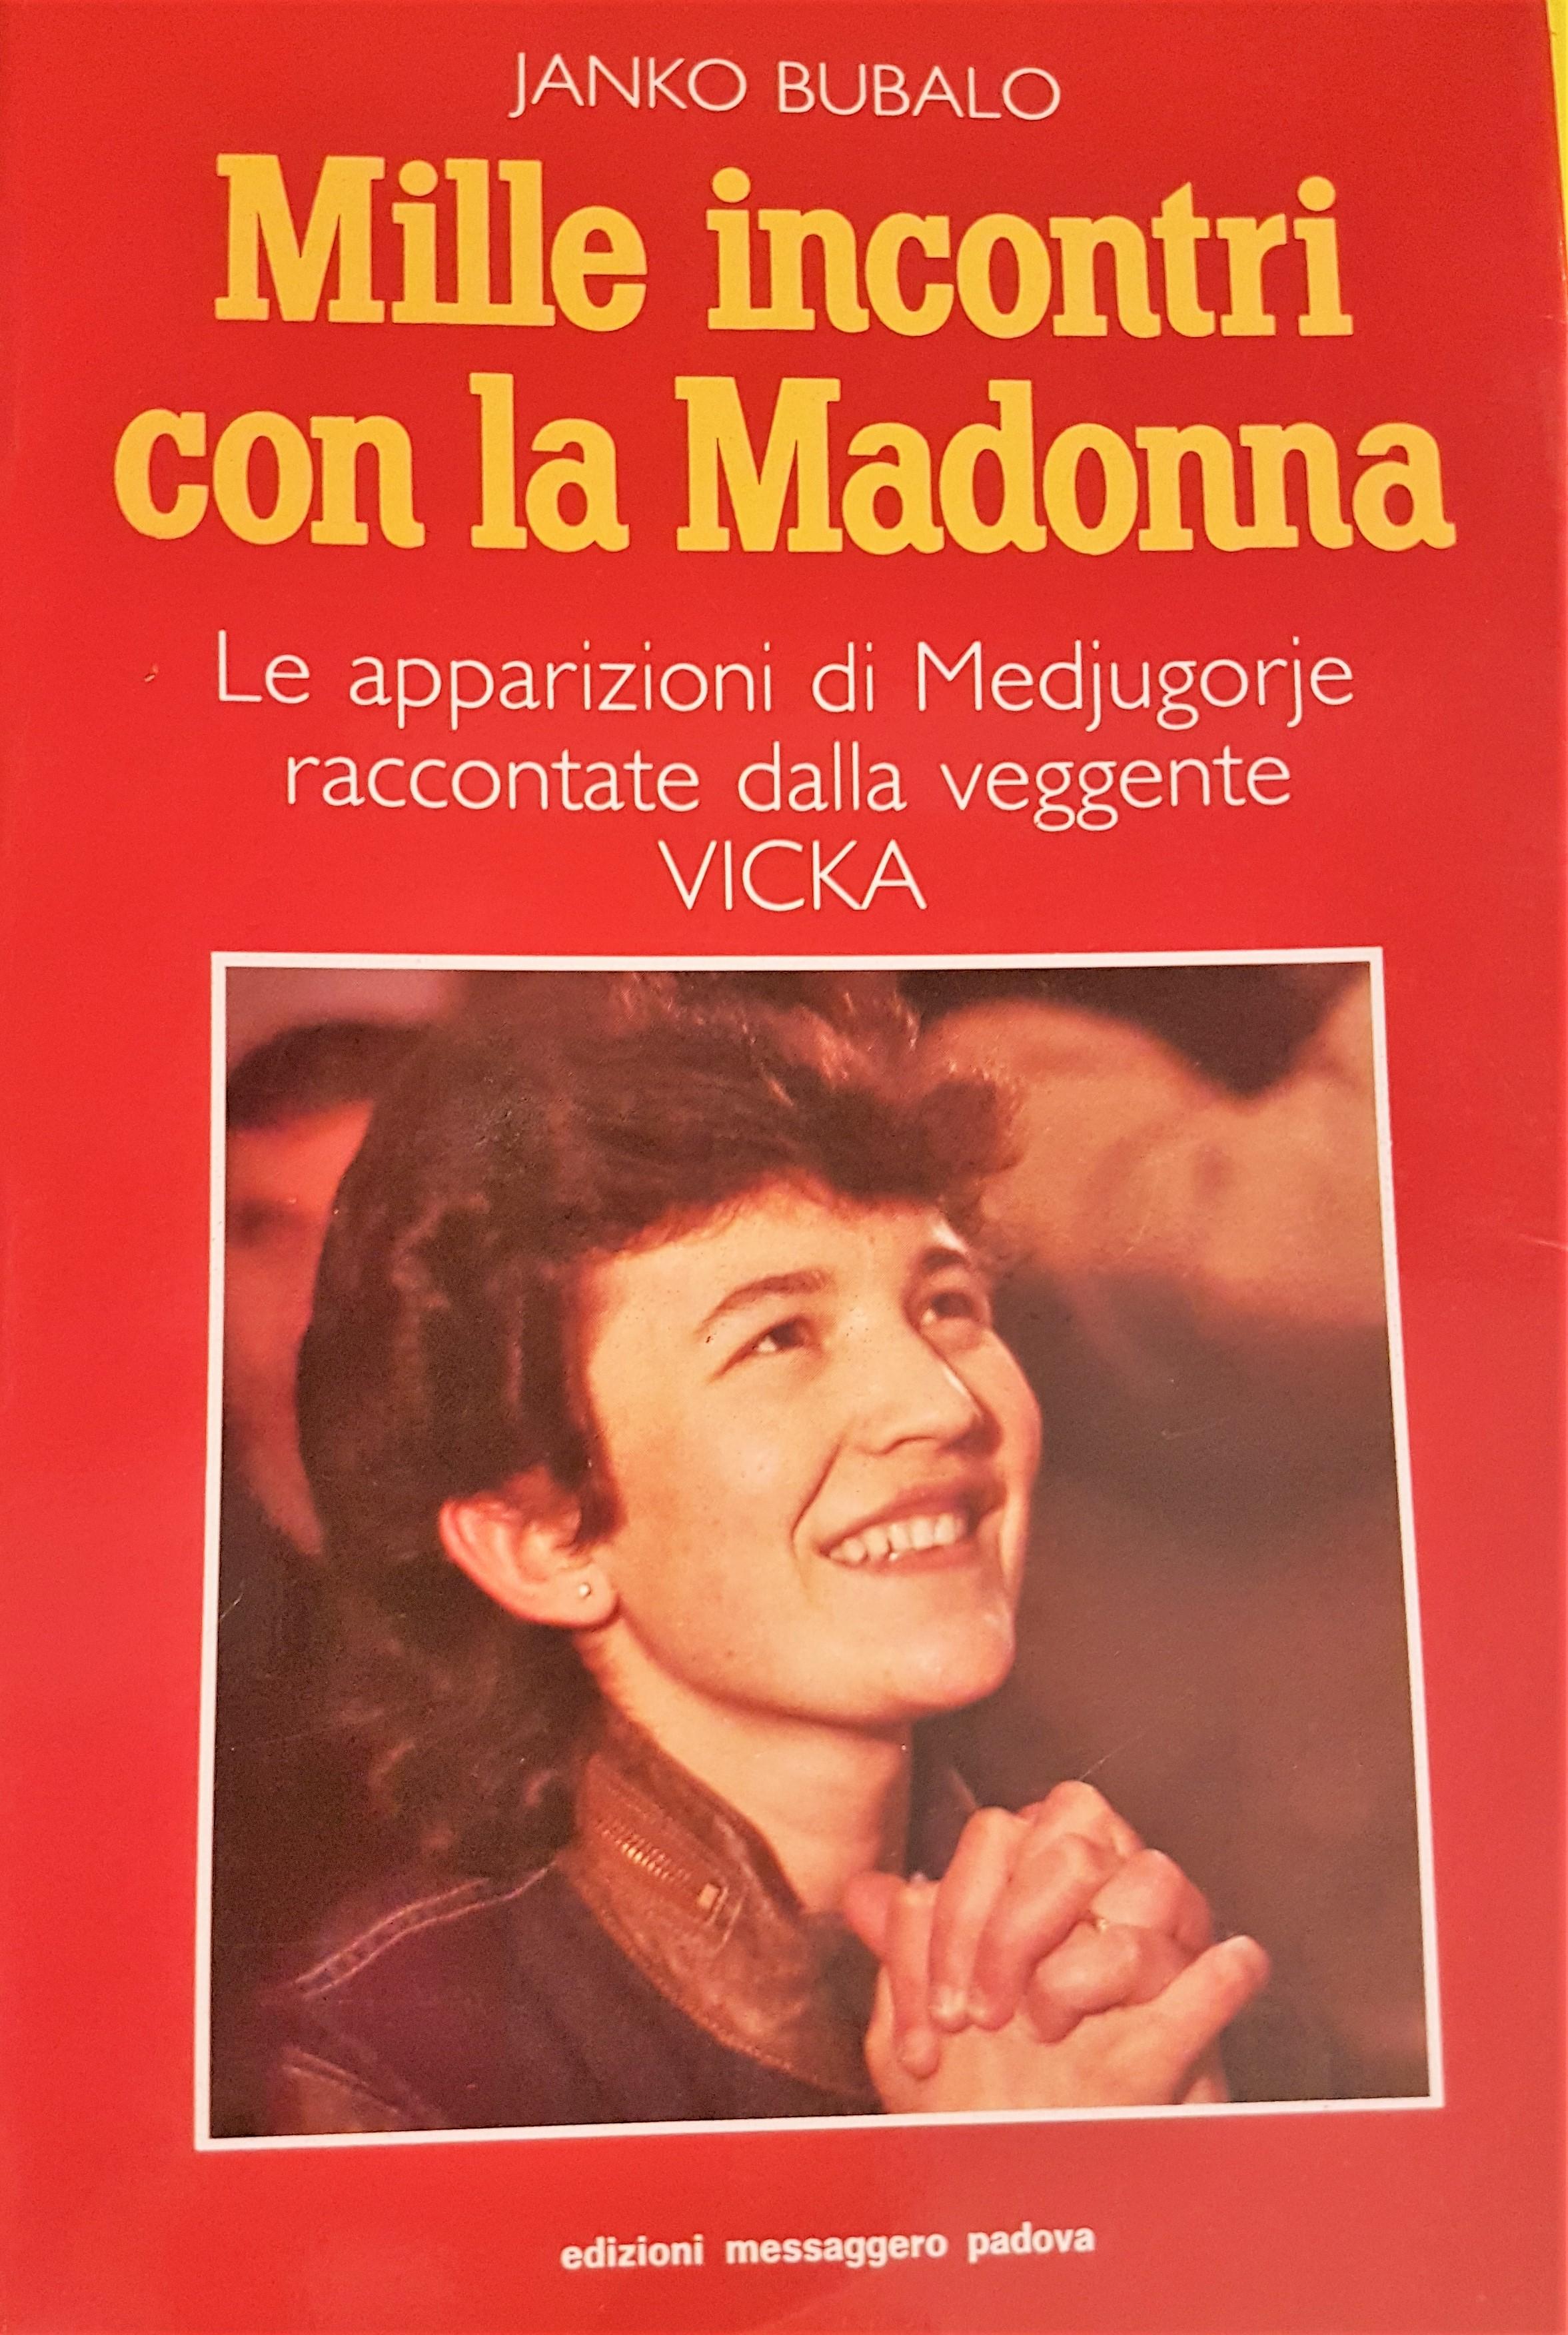 Mille incontri con la Madonna